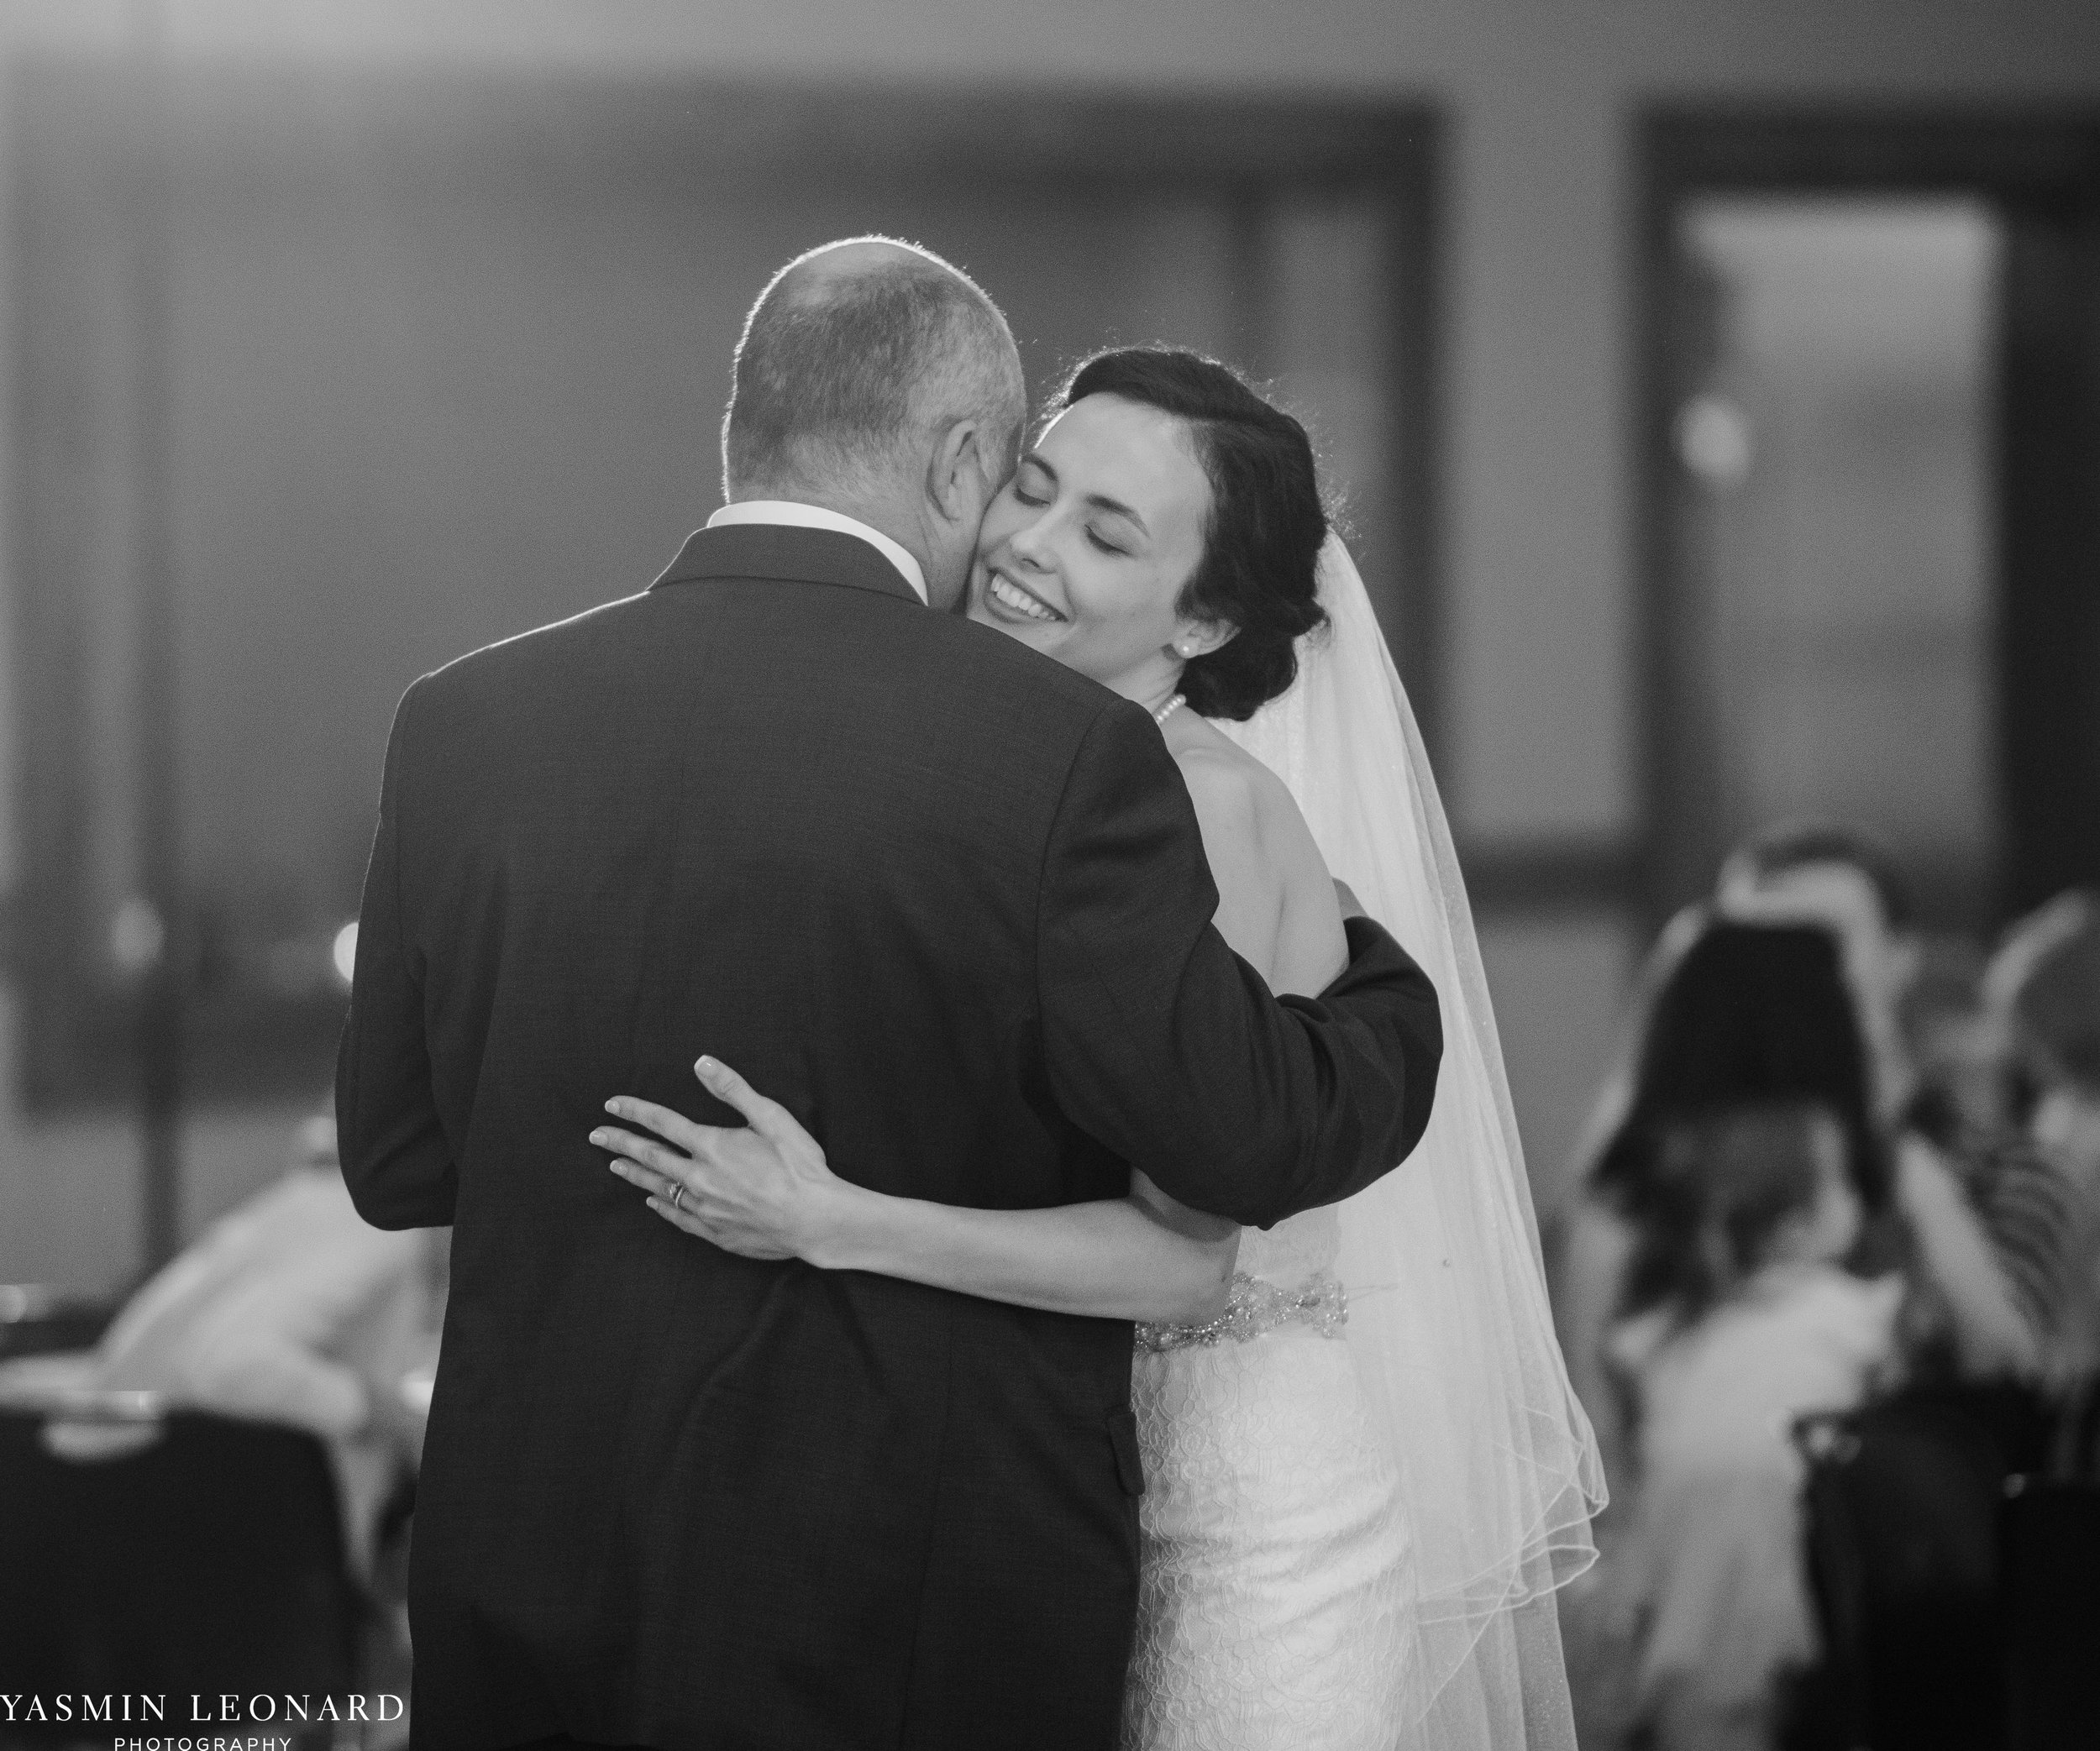 Mt. Pleasant Church - Church Wedding - Traditional Wedding - Church Ceremony - Country Wedding - Godly Wedding - NC Wedding Photographer - High Point Weddings - Triad Weddings - NC Venues-50.jpg